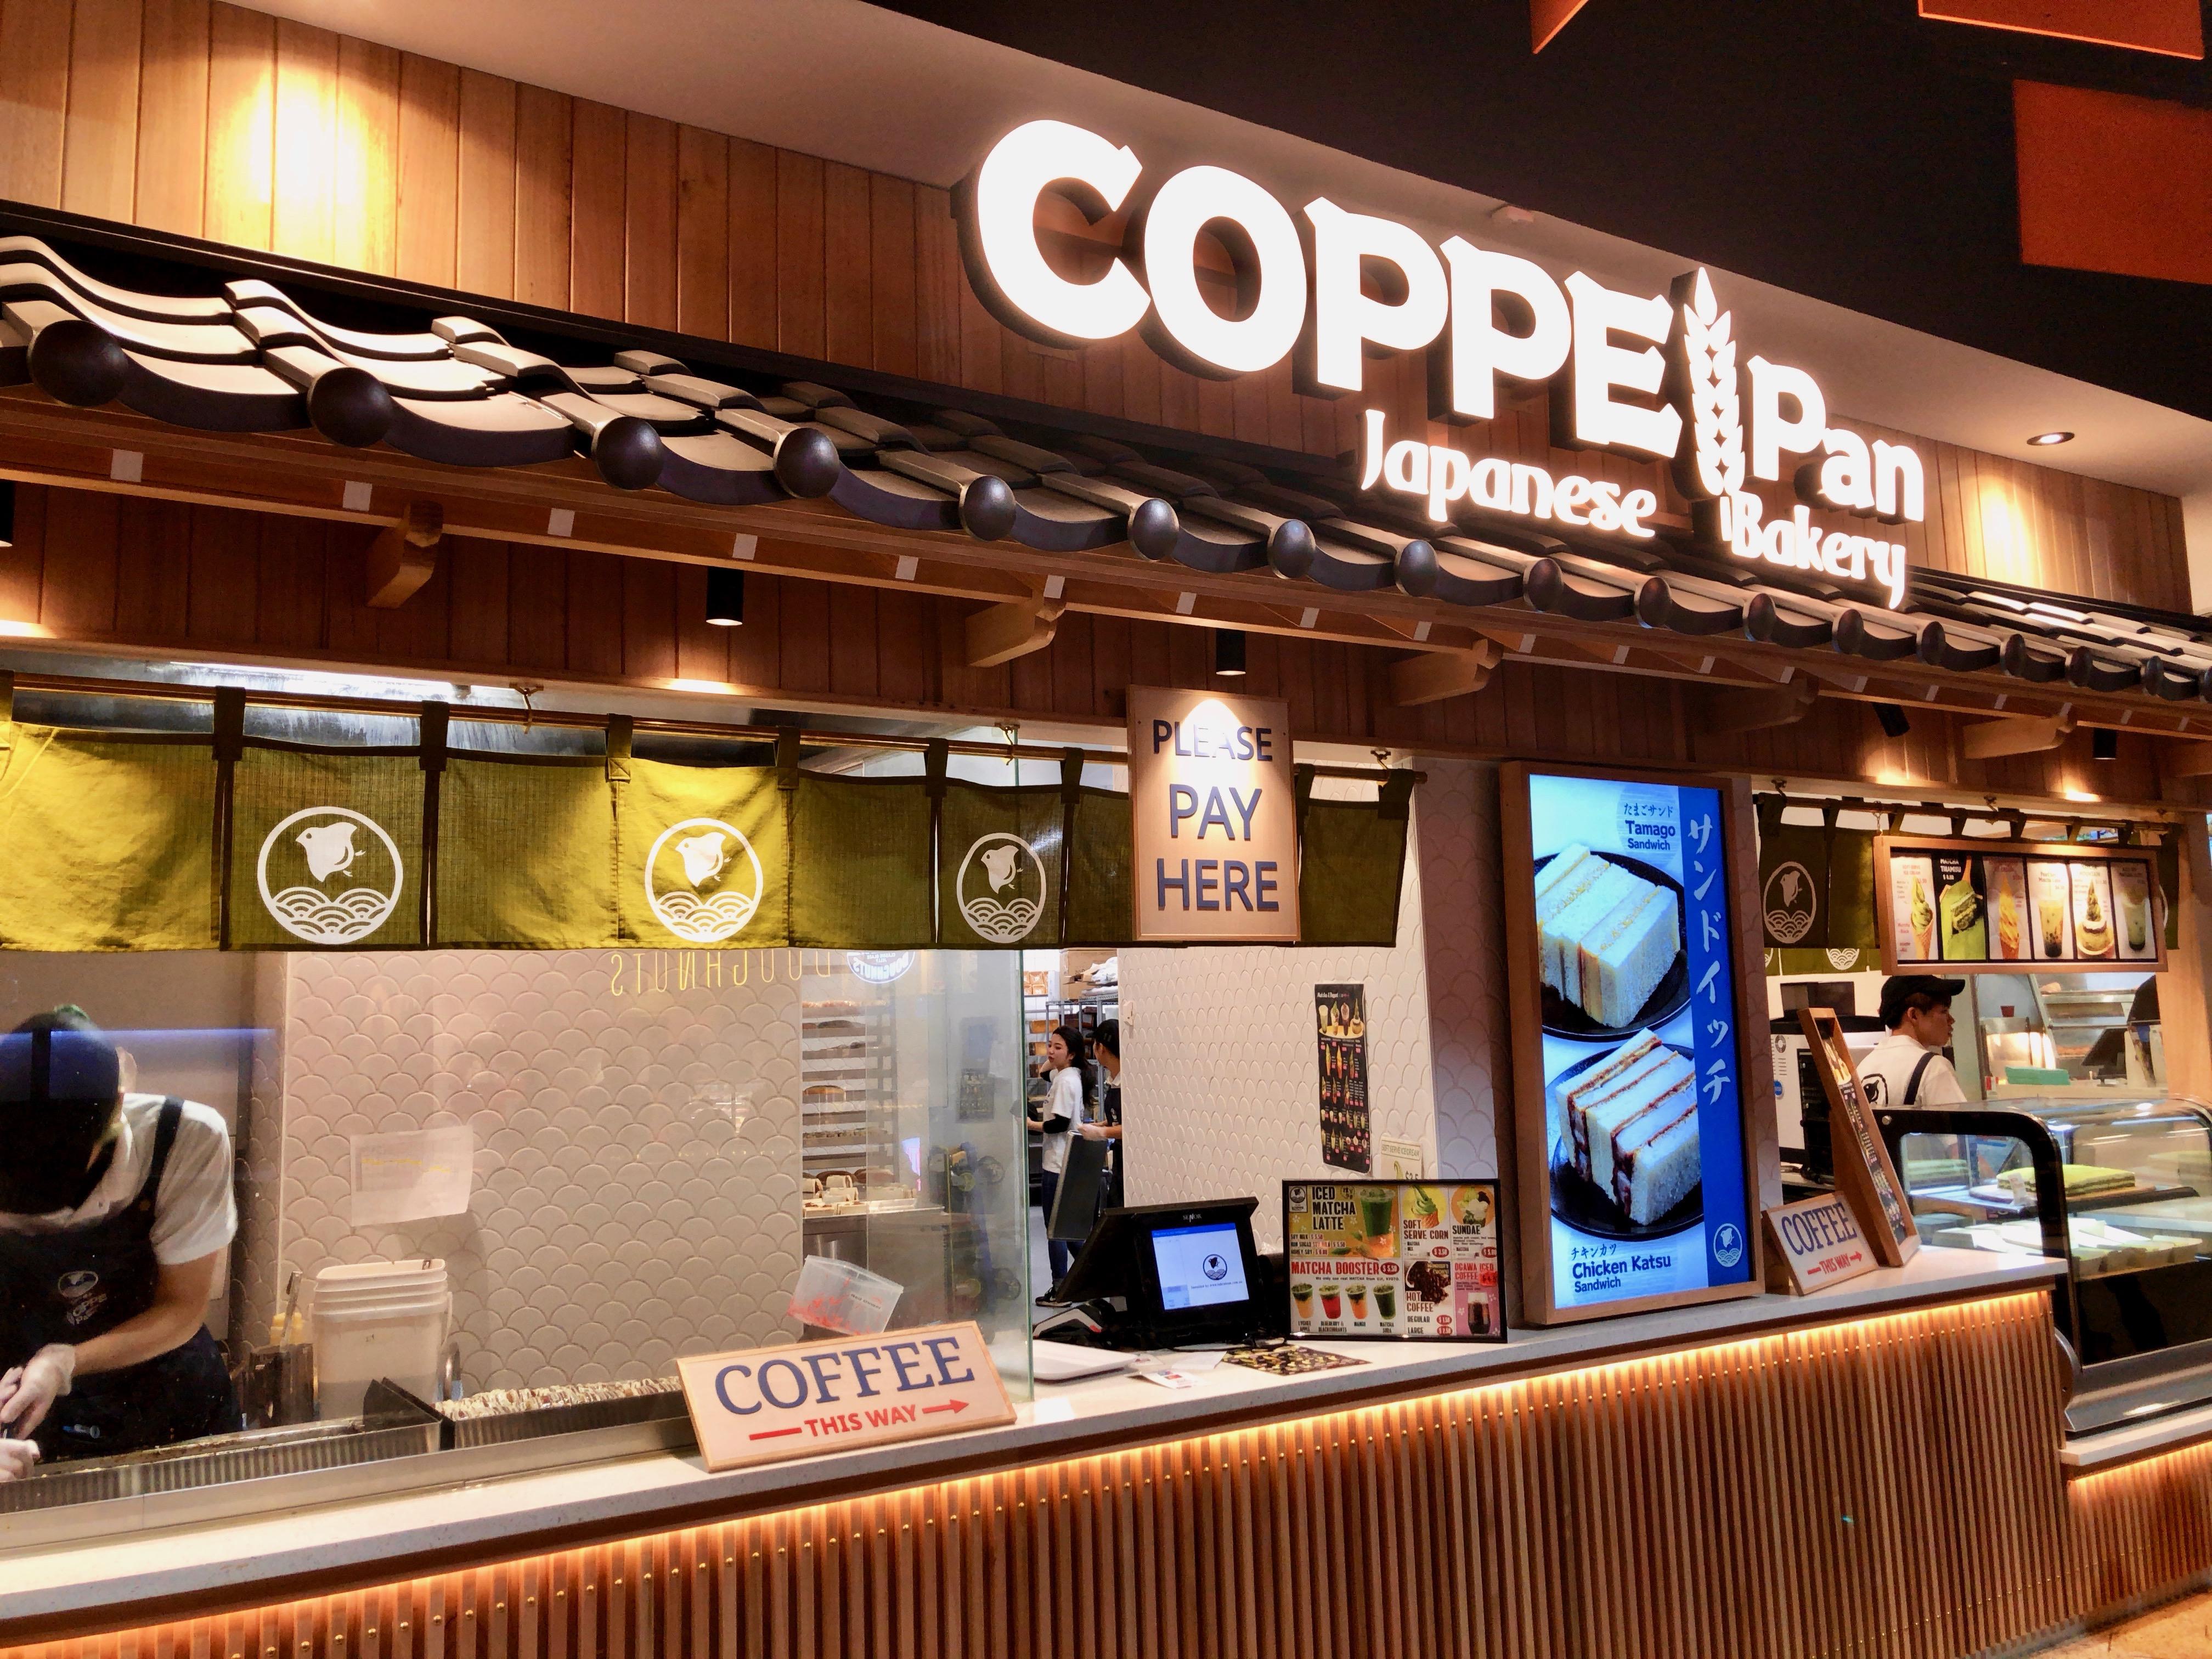 メルボルン,中心,オーストラリア,一人旅,女性,coppepan